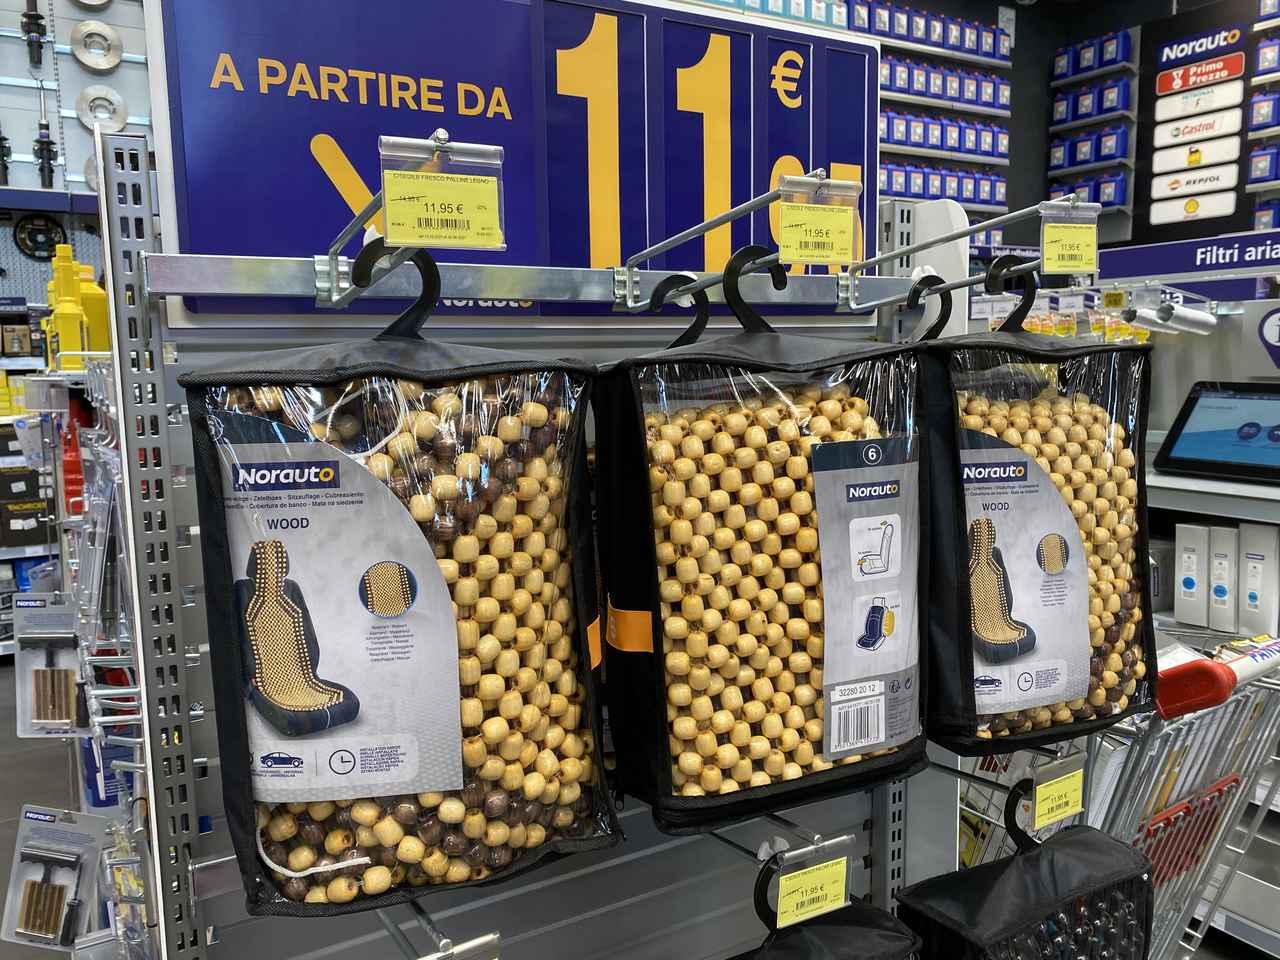 画像: 懐かしい木製ビーズシートカバー。価格も約11.95ユーロ(約1600円)と、意外にお手頃。